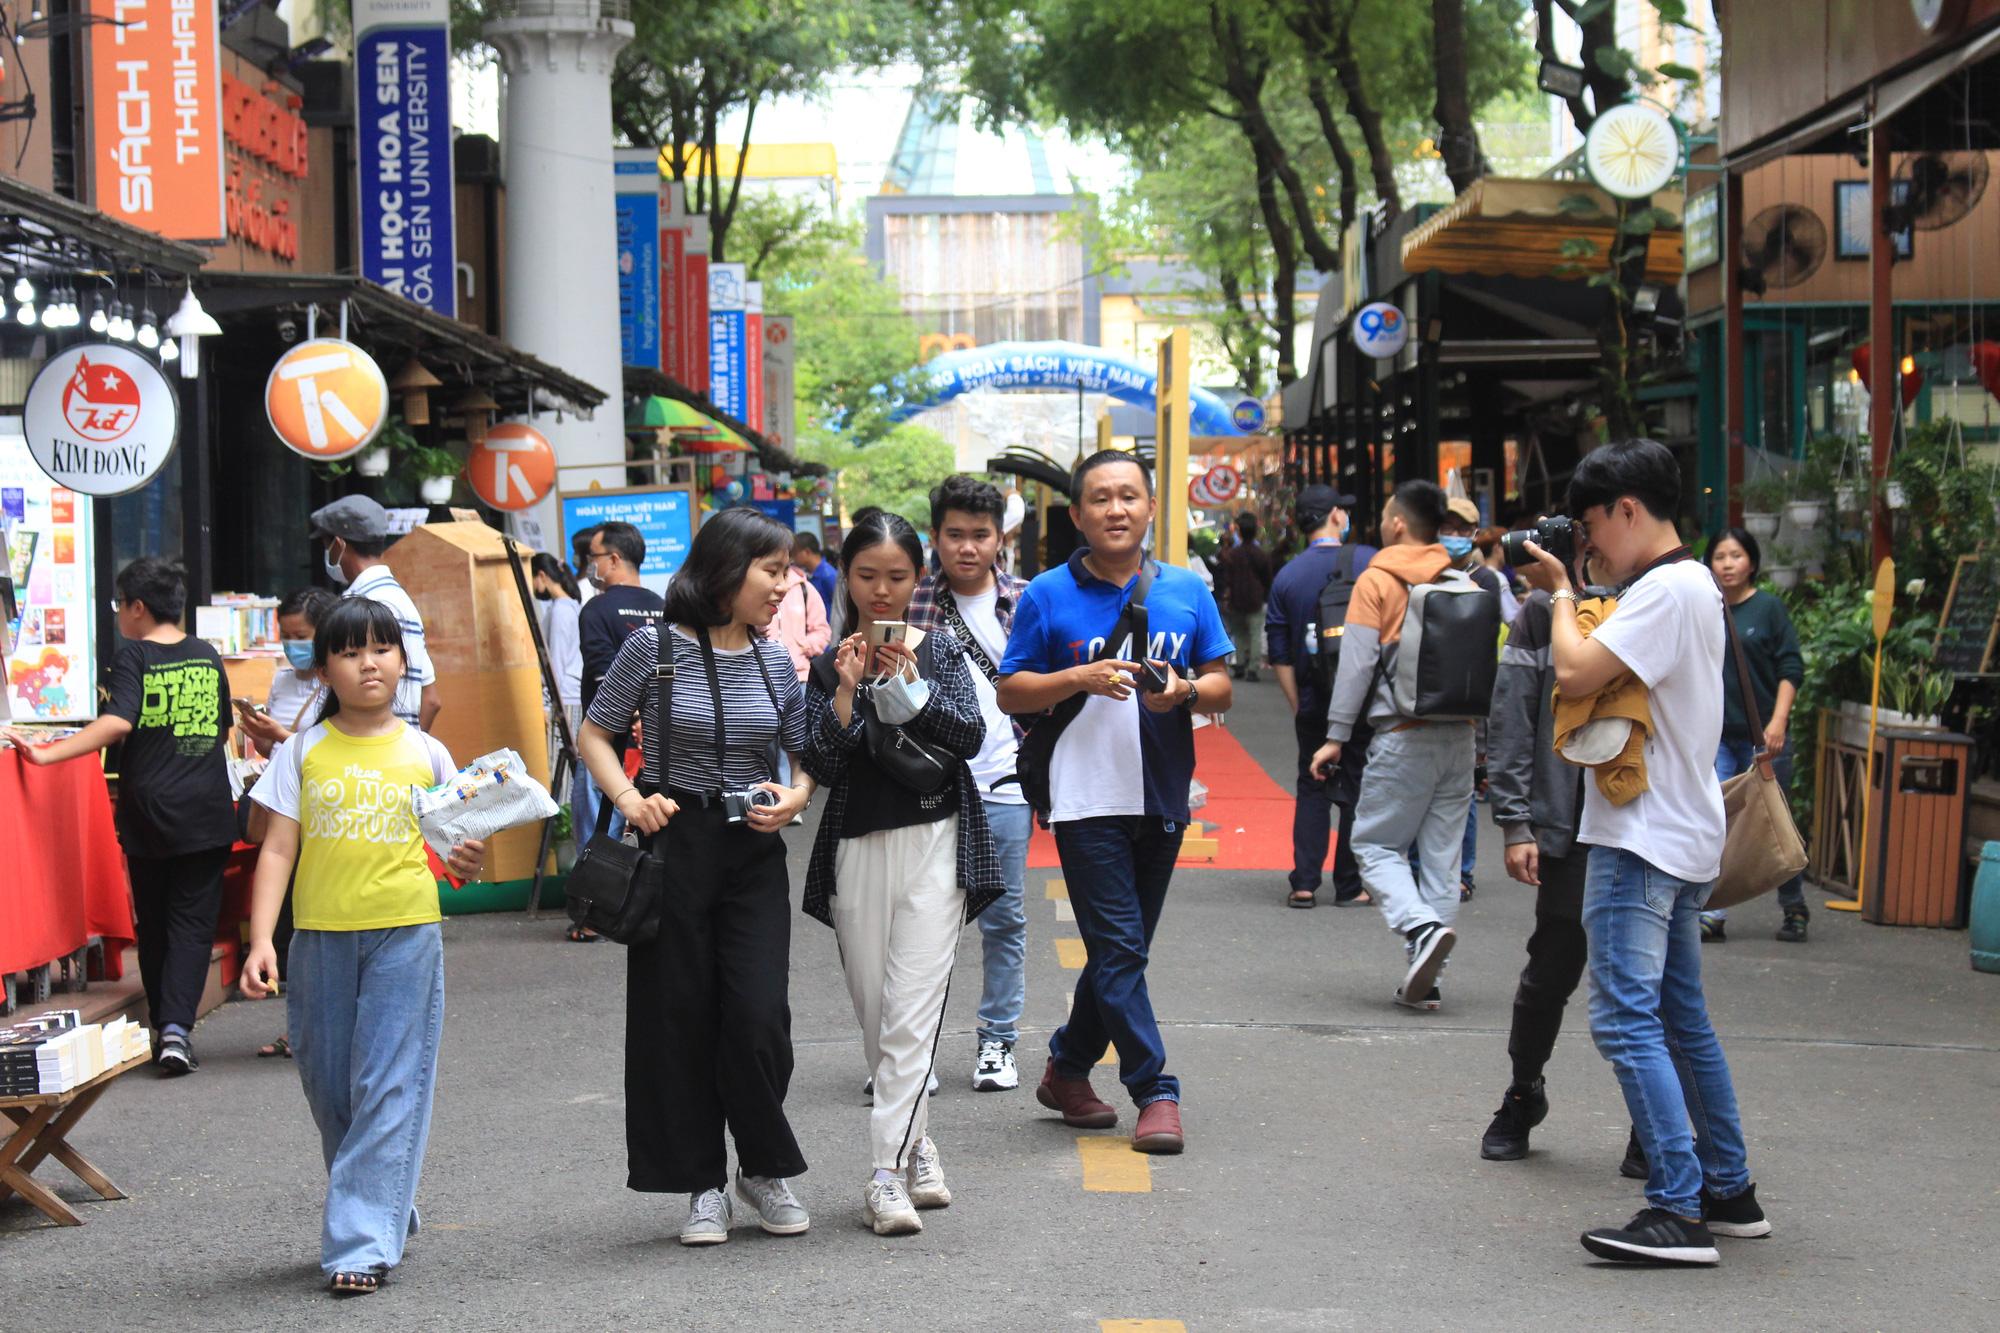 TP.HCM: Thảo Cầm Viên Sài Gòn, Đường sách đông nghẹt ngày Giỗ tổ Hùng Vương - Ảnh 9.